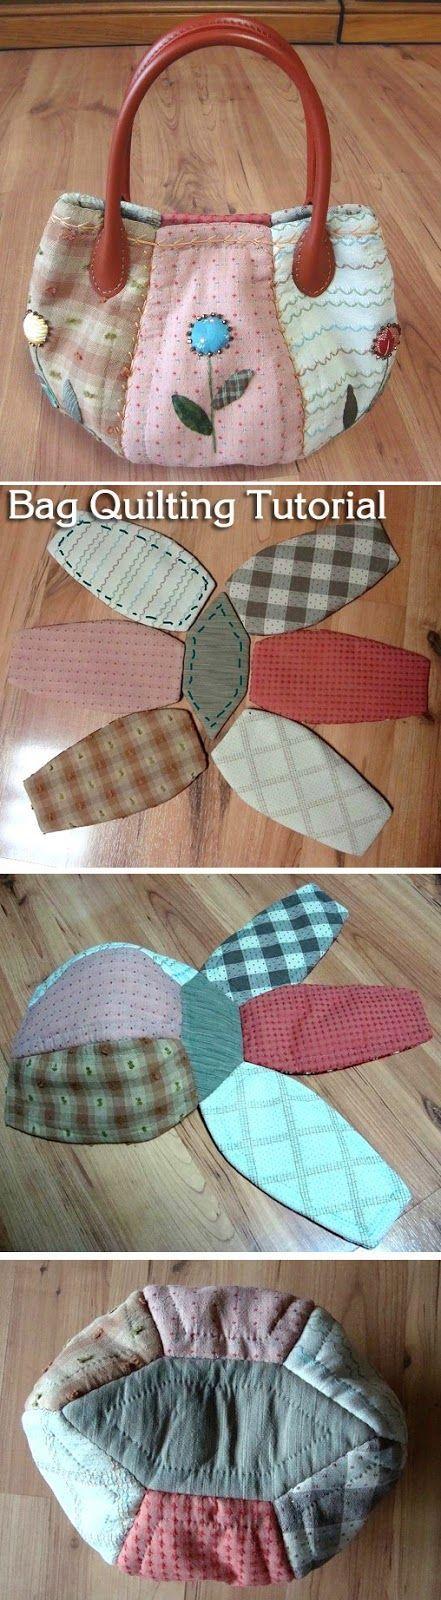 Simple and convenient bag. Patchwork, Quilting. DIY Picture Tutorial. Простая и удобная сумка. Лоскутное шитьё (пэчворк, квилтинг). http://www.handmadiya.com/2015/09/simple-bag-quilting.html: